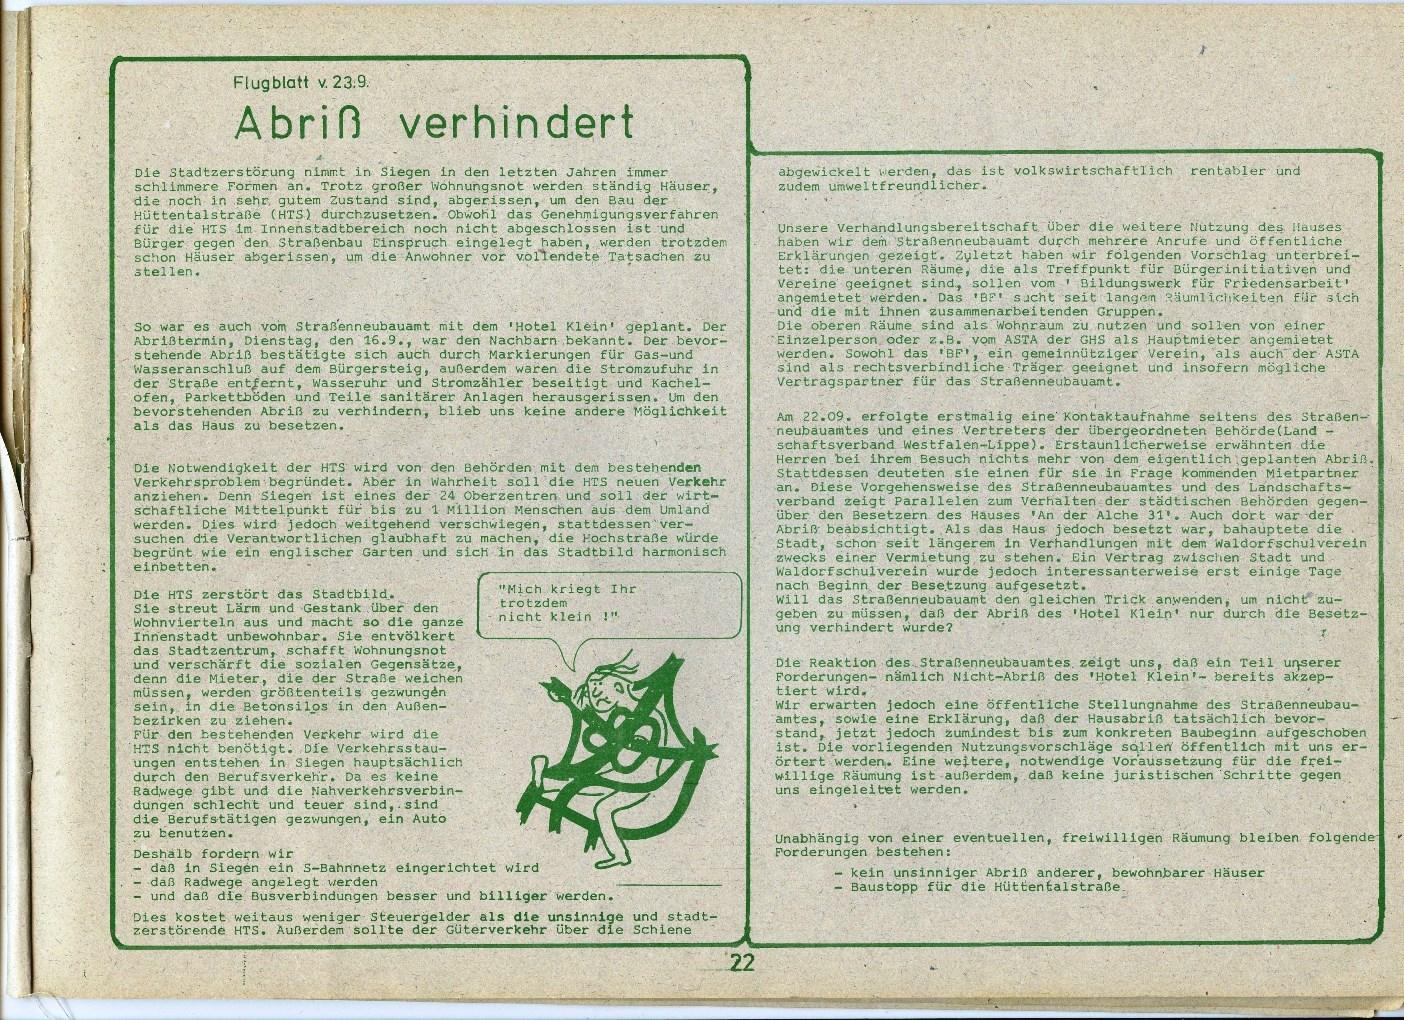 Siegen_HotelKlein_1980_25